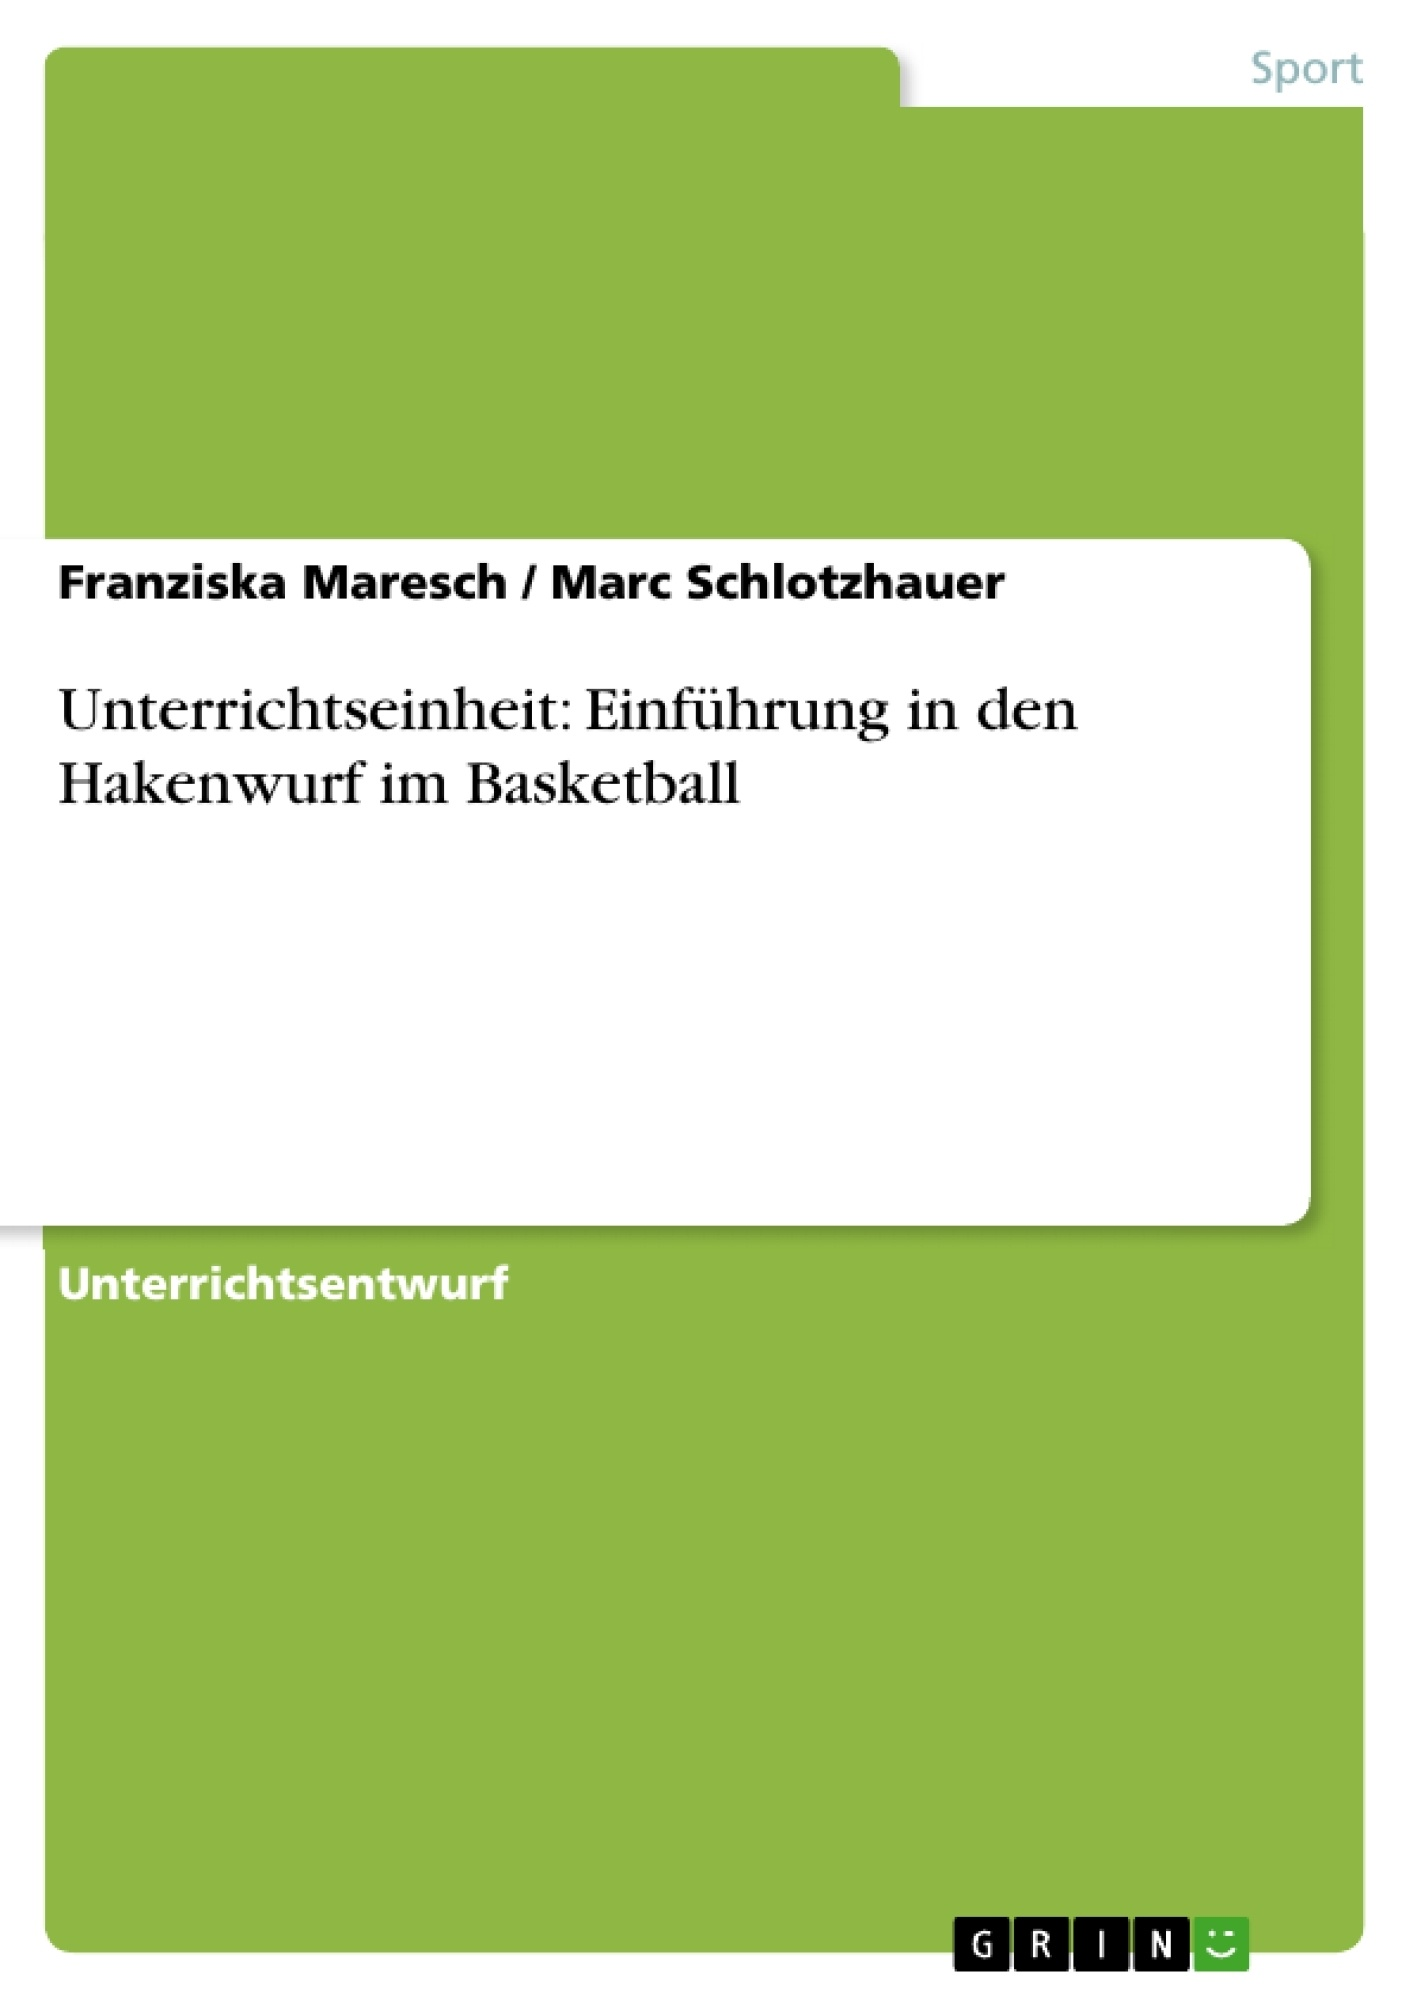 Titel: Unterrichtseinheit: Einführung in den Hakenwurf im Basketball